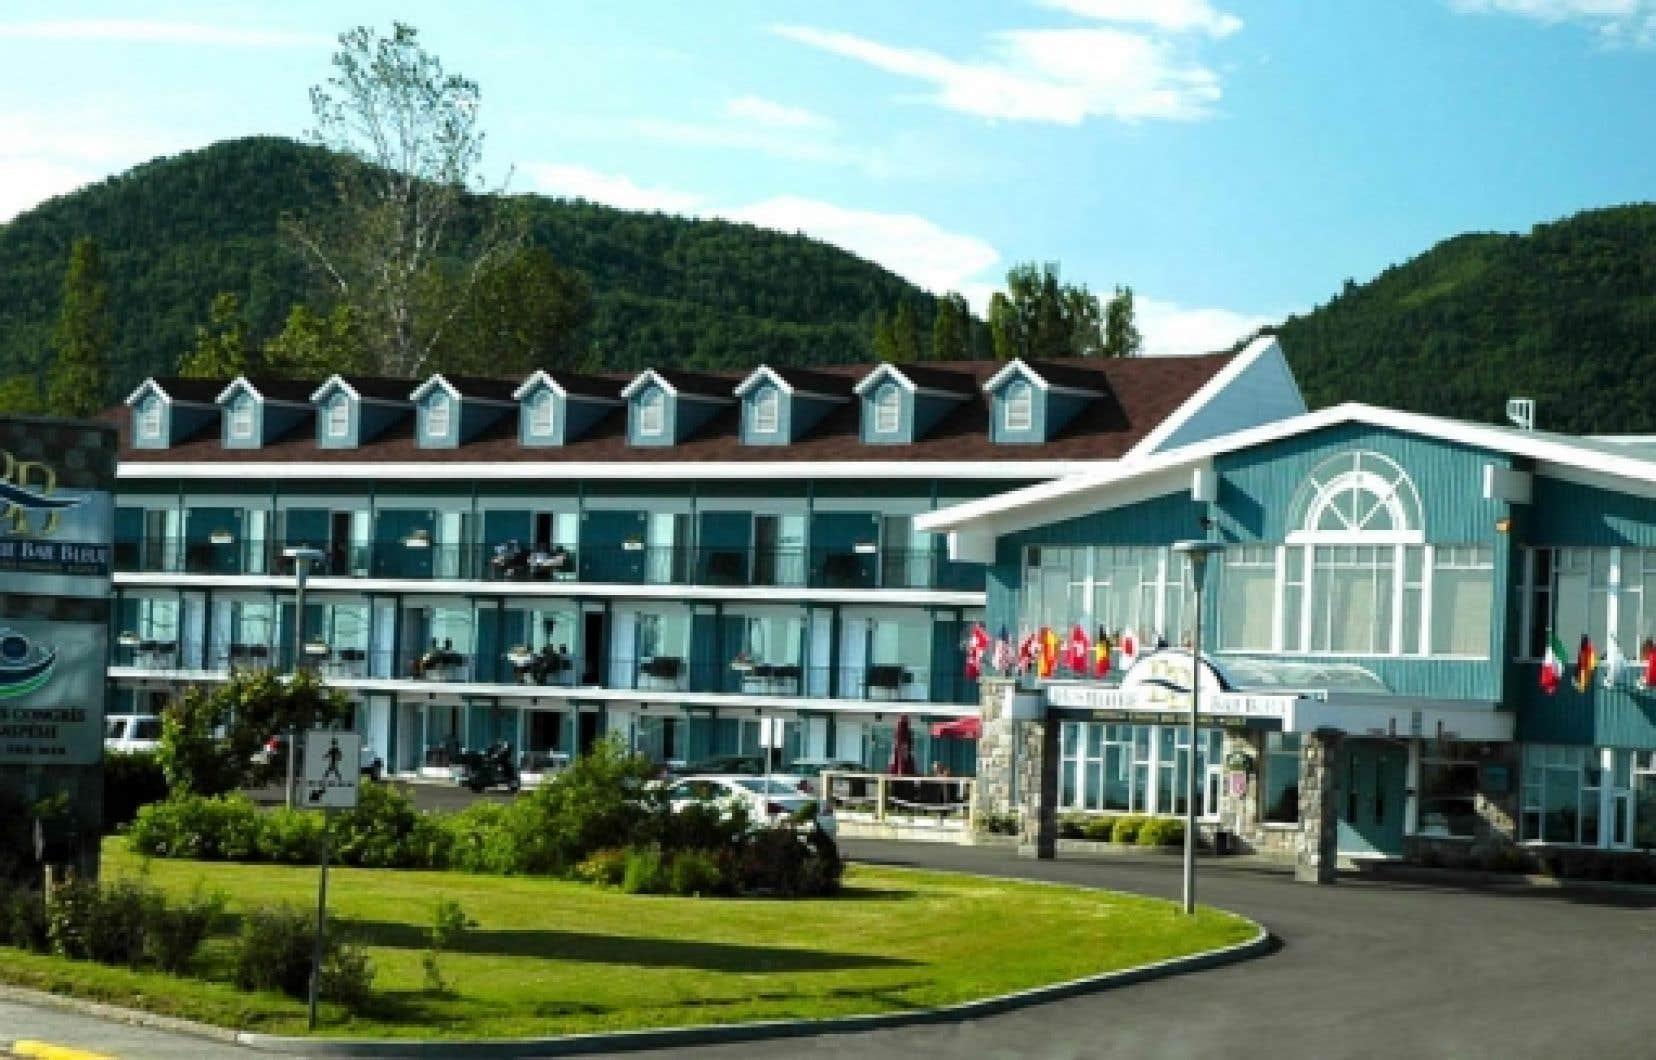 Le Centre de congrès de la Gaspésie dispose d'un guichet unique, Baie bleue aventure, offrant plusieurs activités à faire dans la Baie-des-Chaleurs. <br />